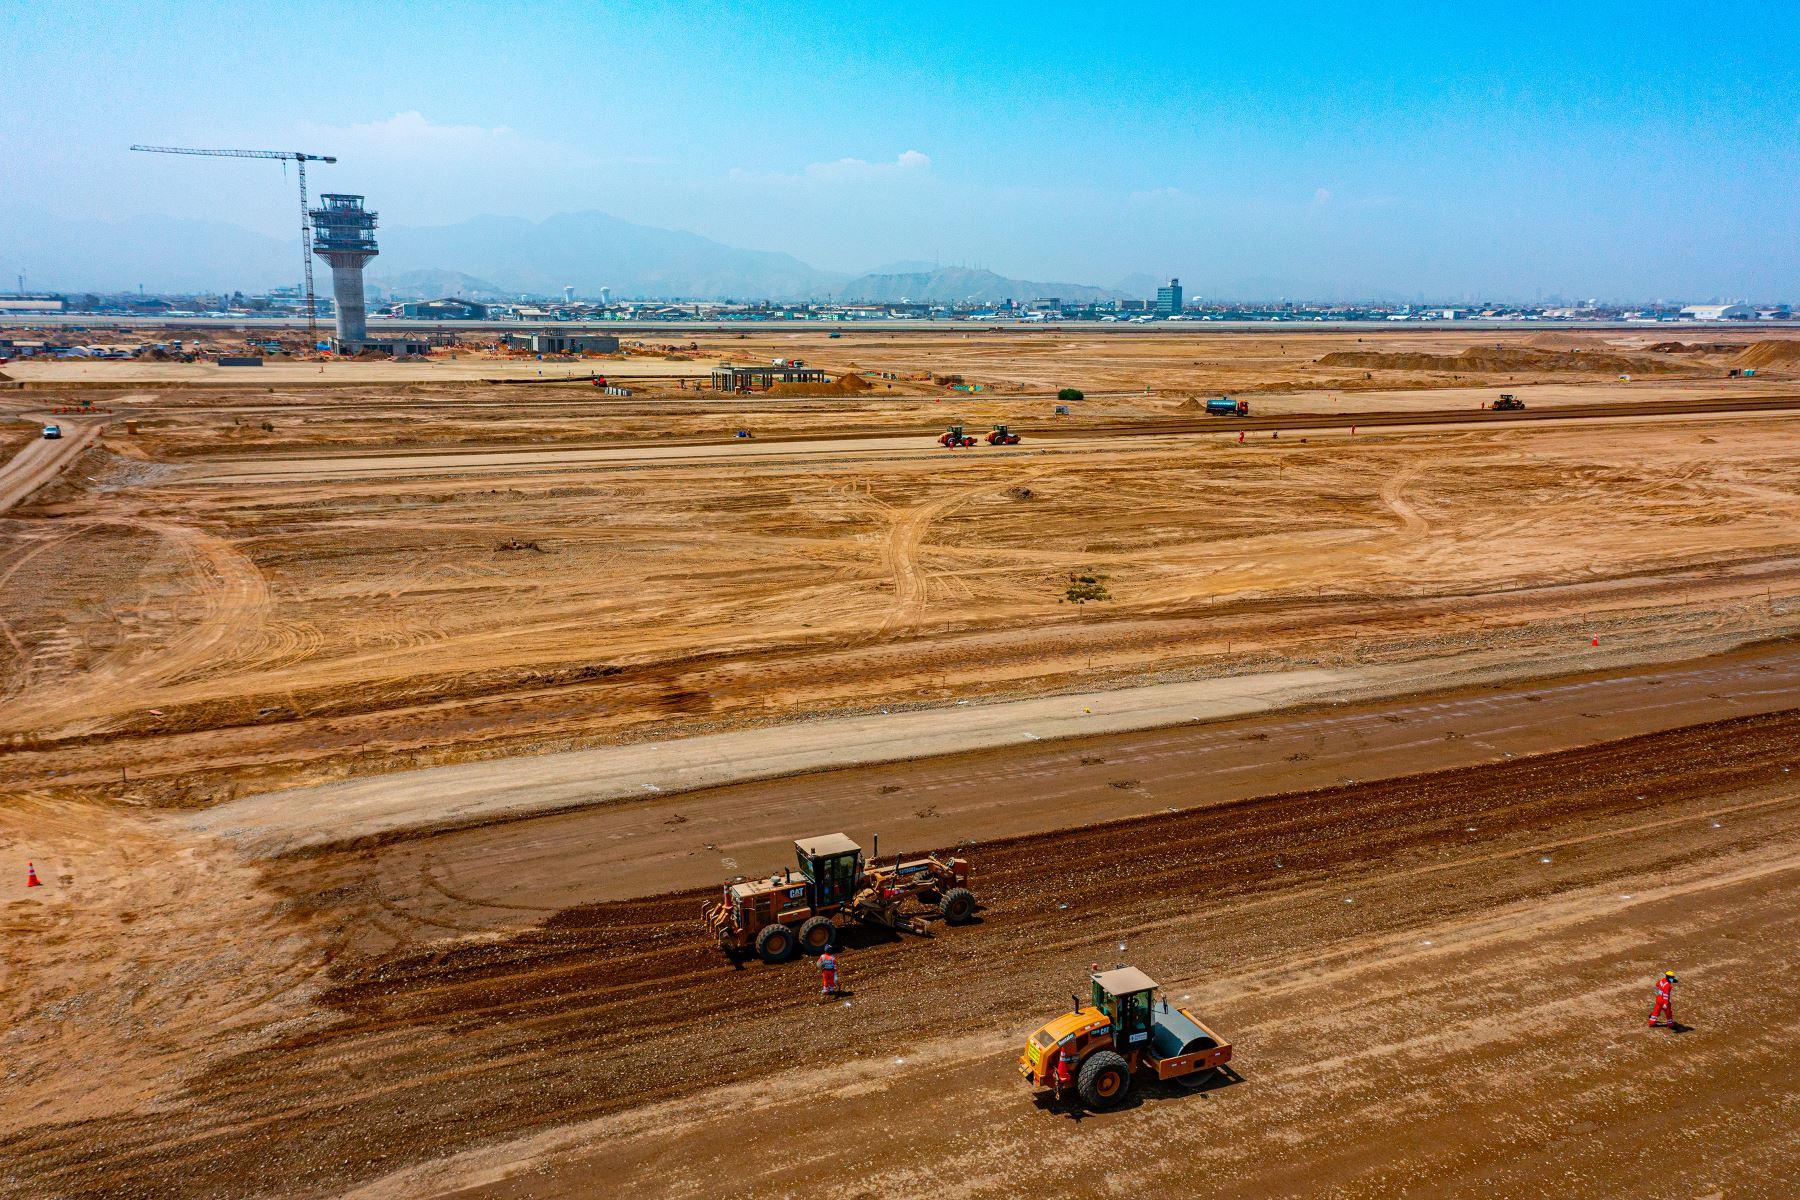 Continúan trabajos de ampliación del aeropuerto Jorge Chávez que comprende una segunda pista de aterrizaje, una nueva torre de control y el terminal de pasajeros. Foto: Difusión